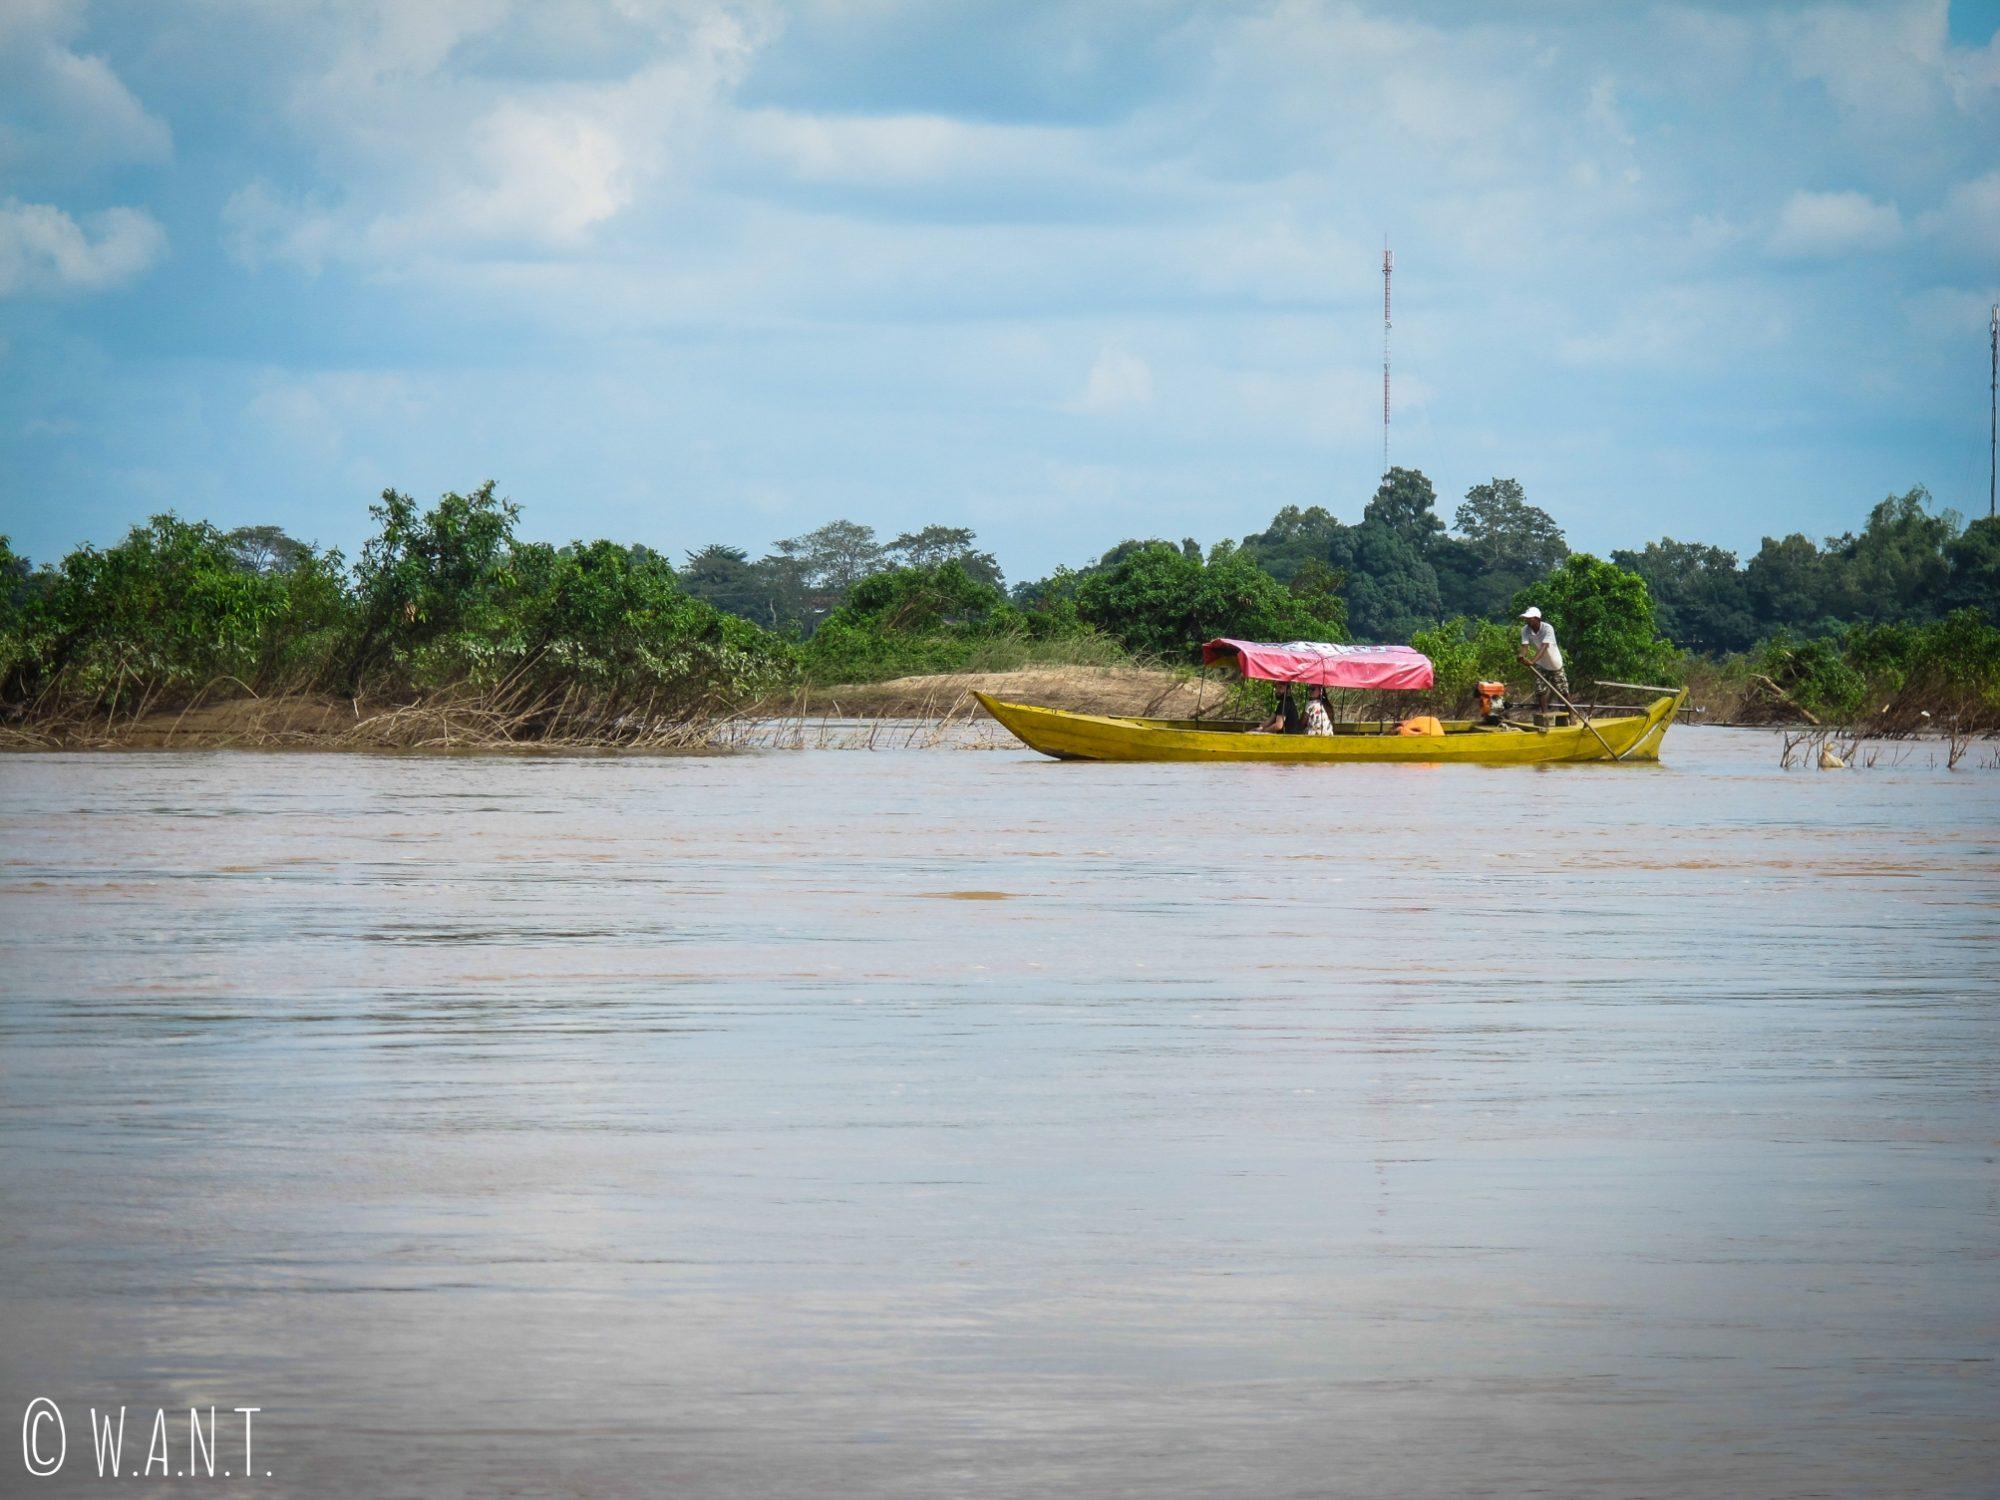 Embarcation pour aller observer les dauphins de l'Irrawaddy sur le Mékong